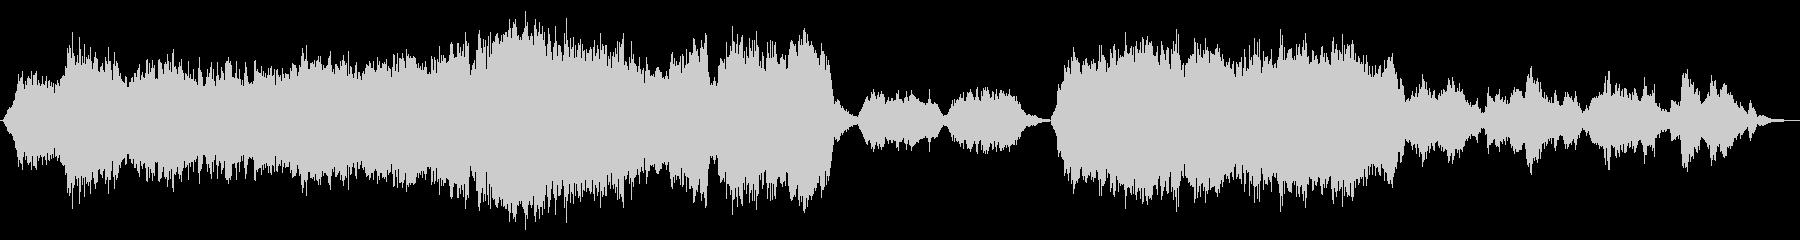 現代の交響曲 室内楽 クラシック交...の未再生の波形